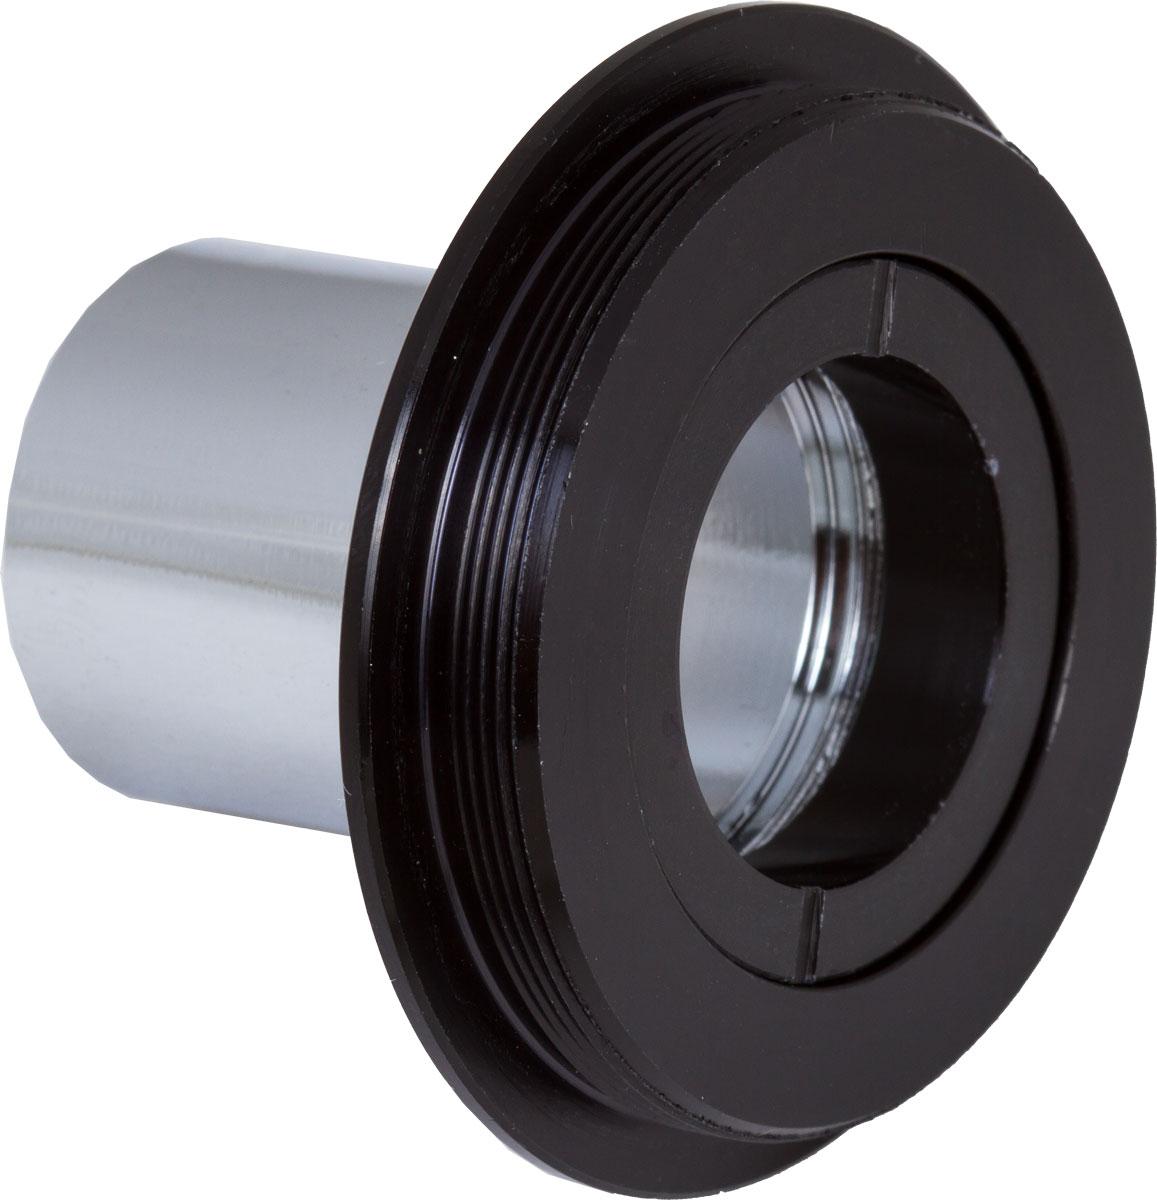 Bresser 69823 фотоадаптер для микроскопов 23 мм - Аксессуары для микроскопа